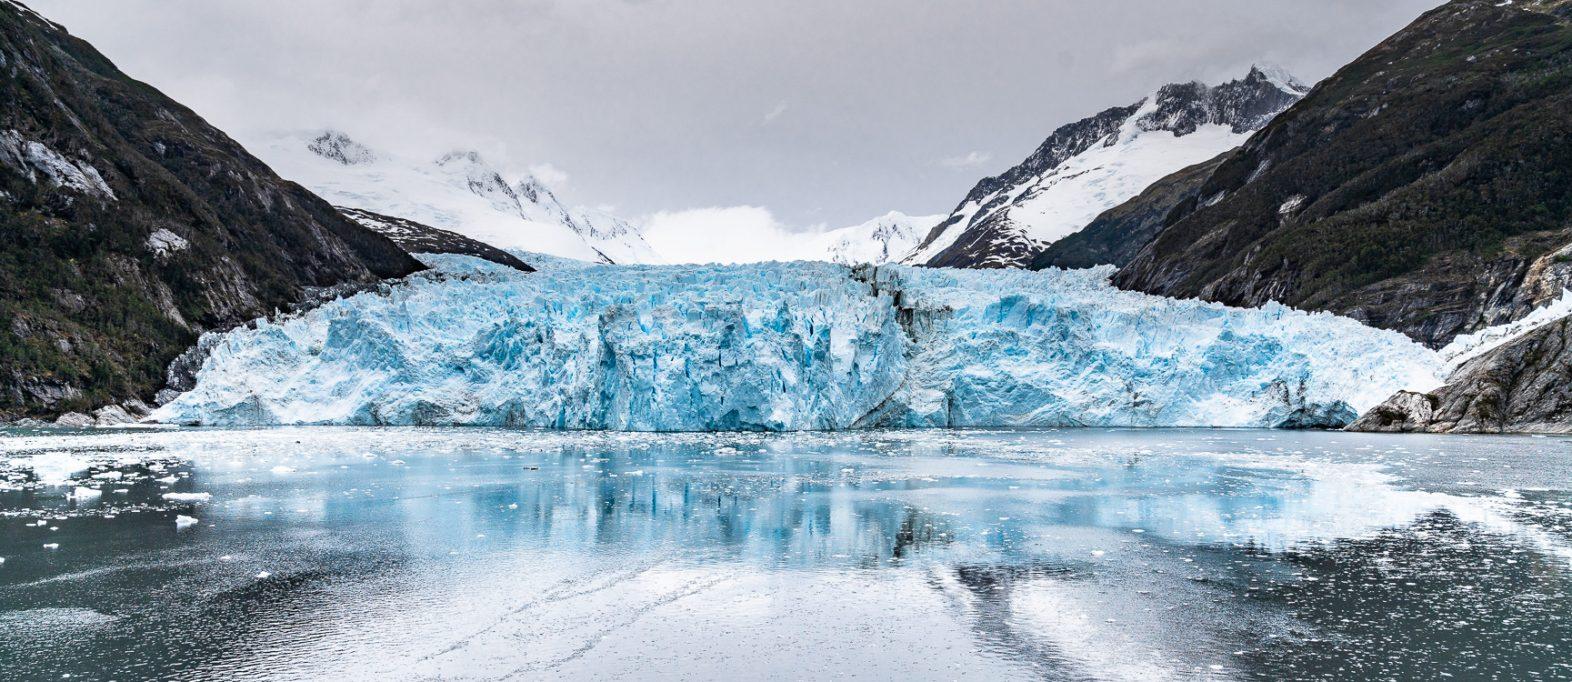 Garibaldi Gletscher Patagonien Chile